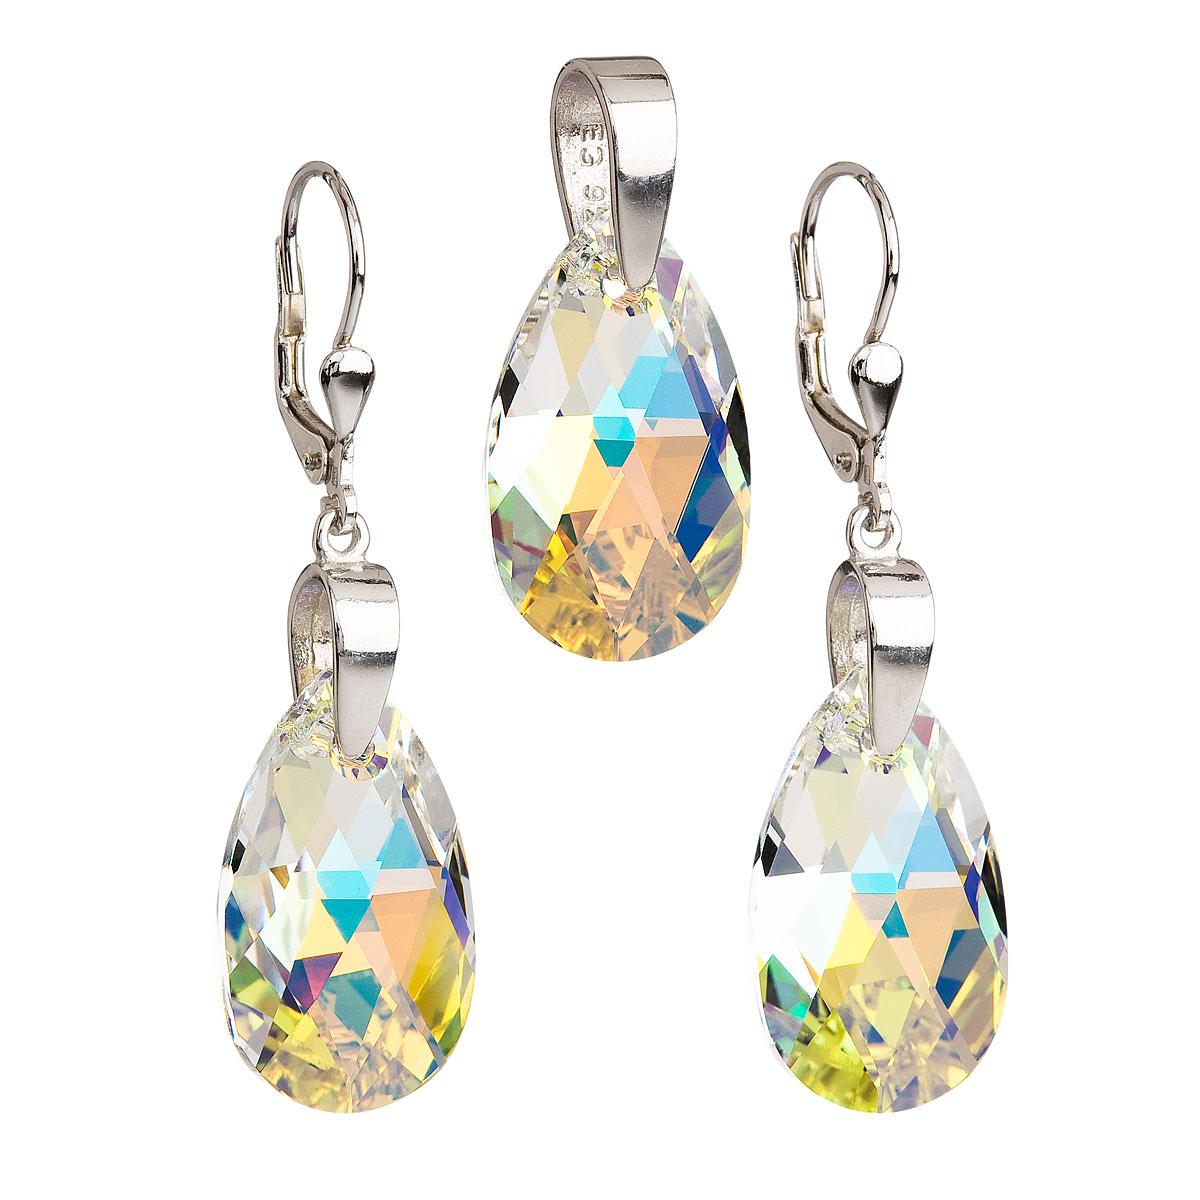 Sada šperkov s krištáľmi Swarovski náušnice a prívesok AB efekt slza 39049.2